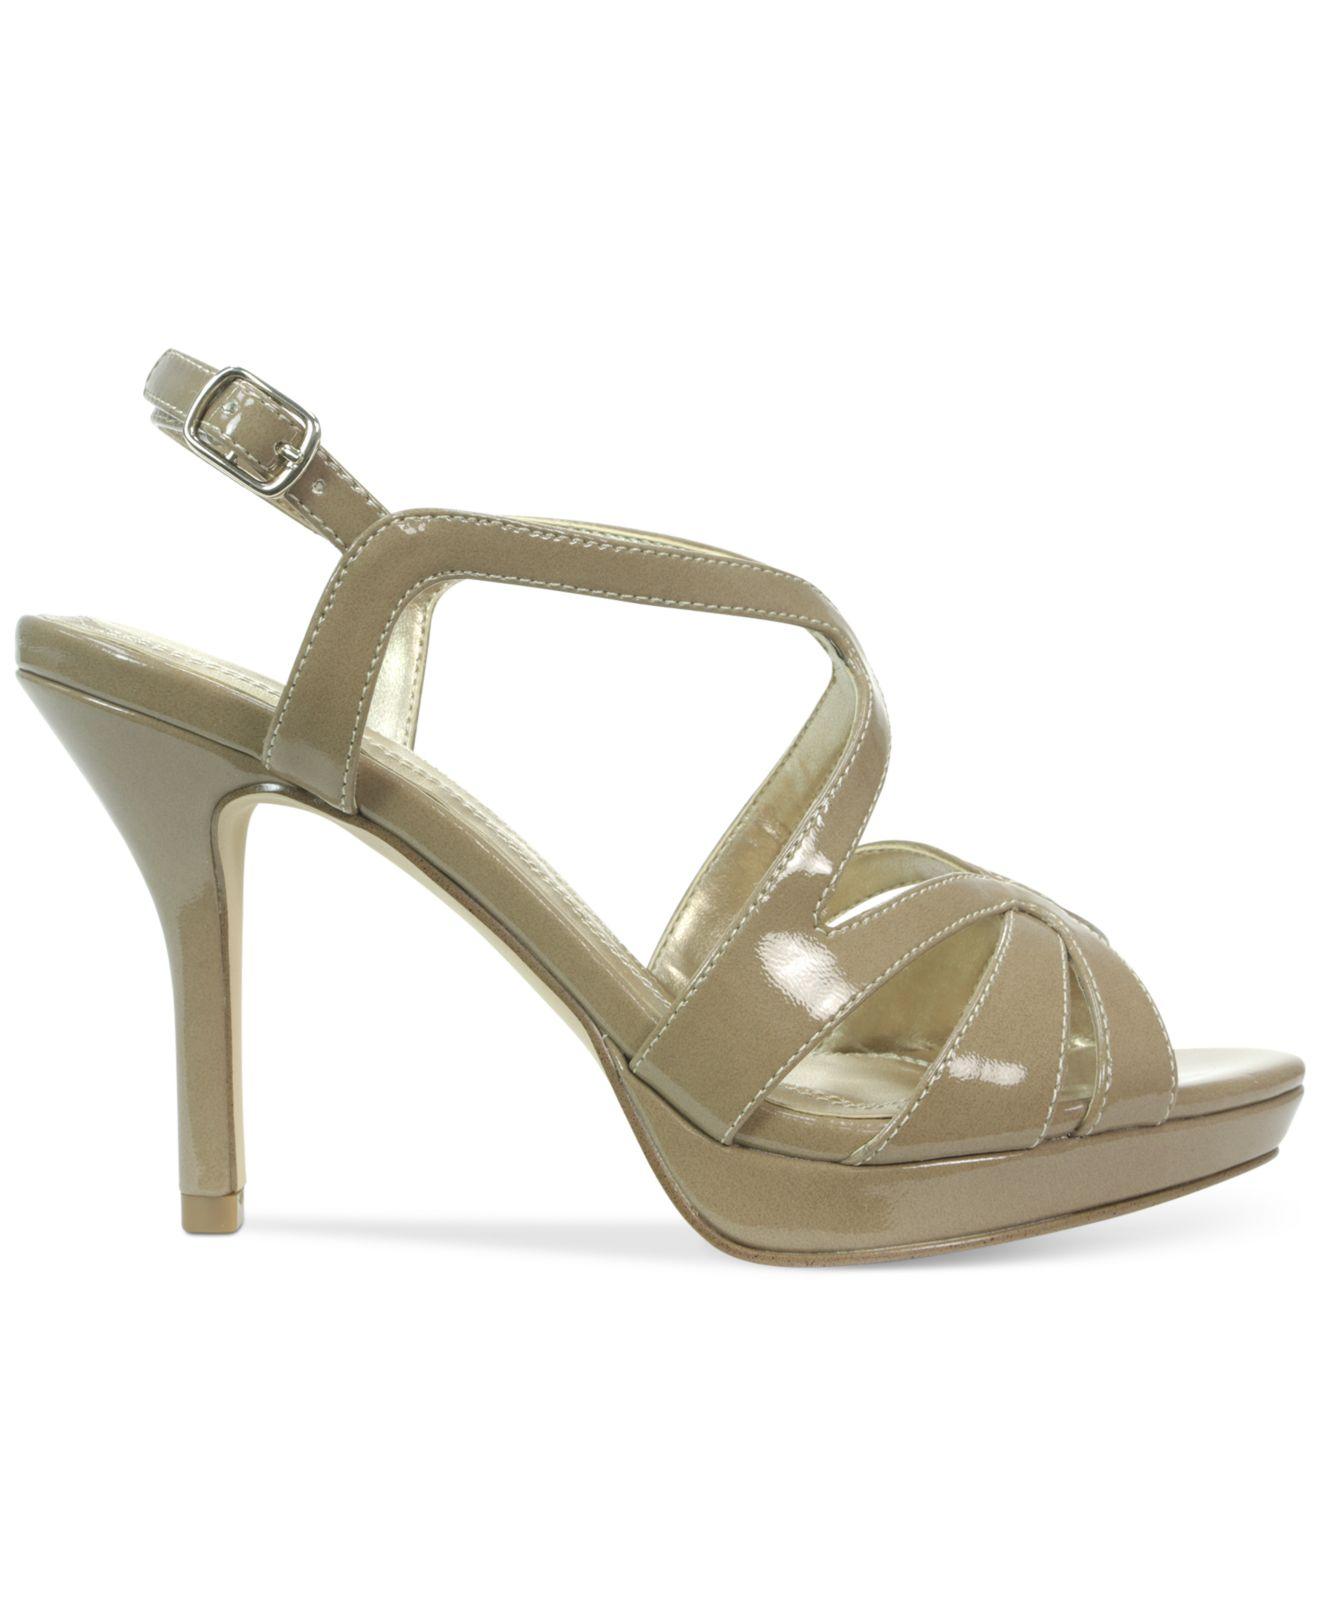 tahari balthasar platform dress sandals in green lyst